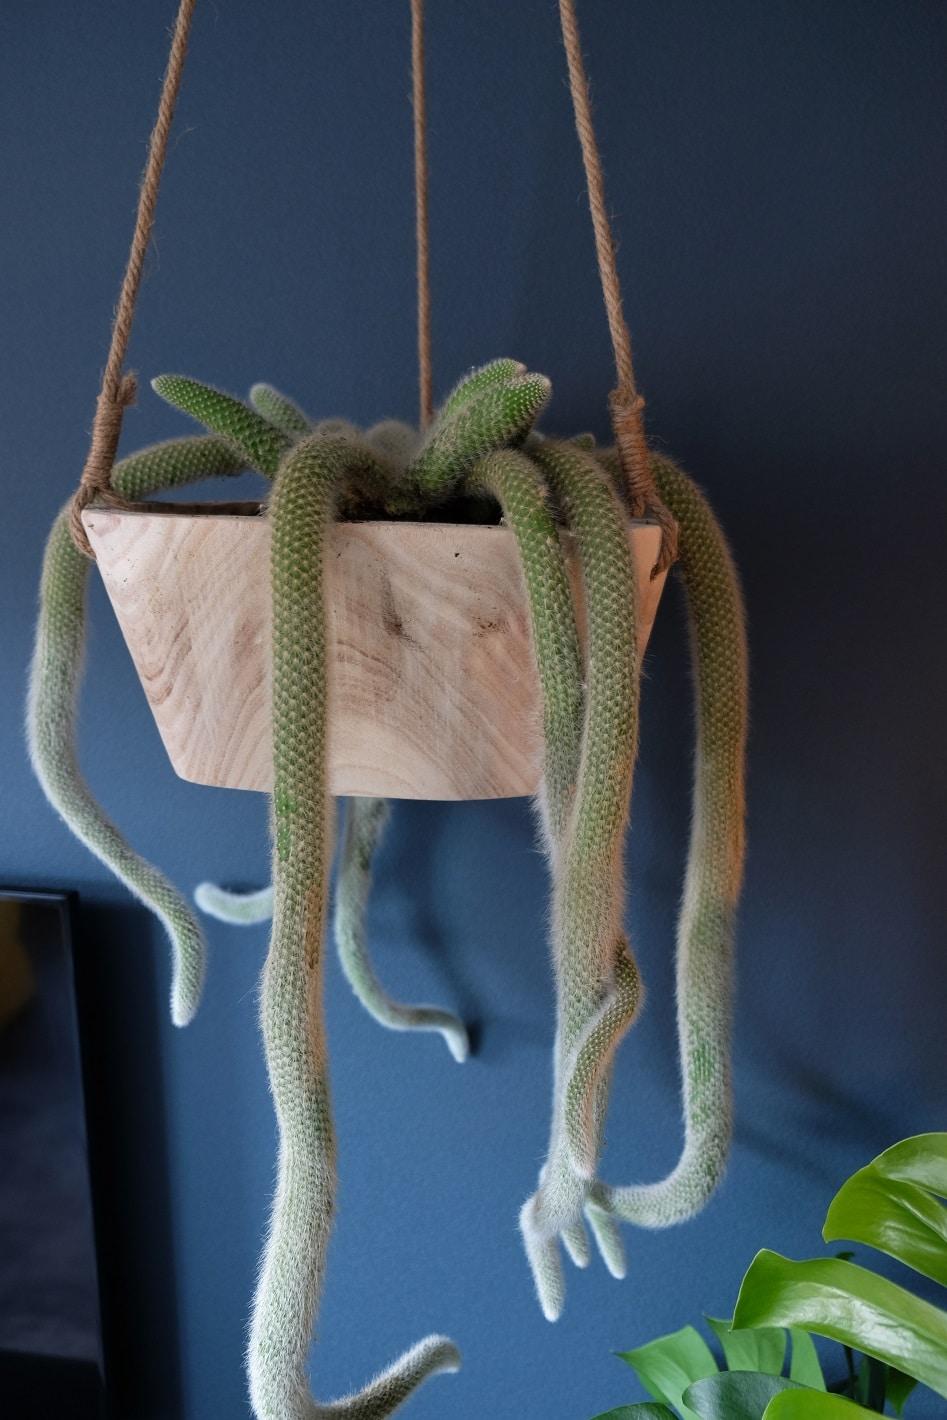 apenstaart cactus